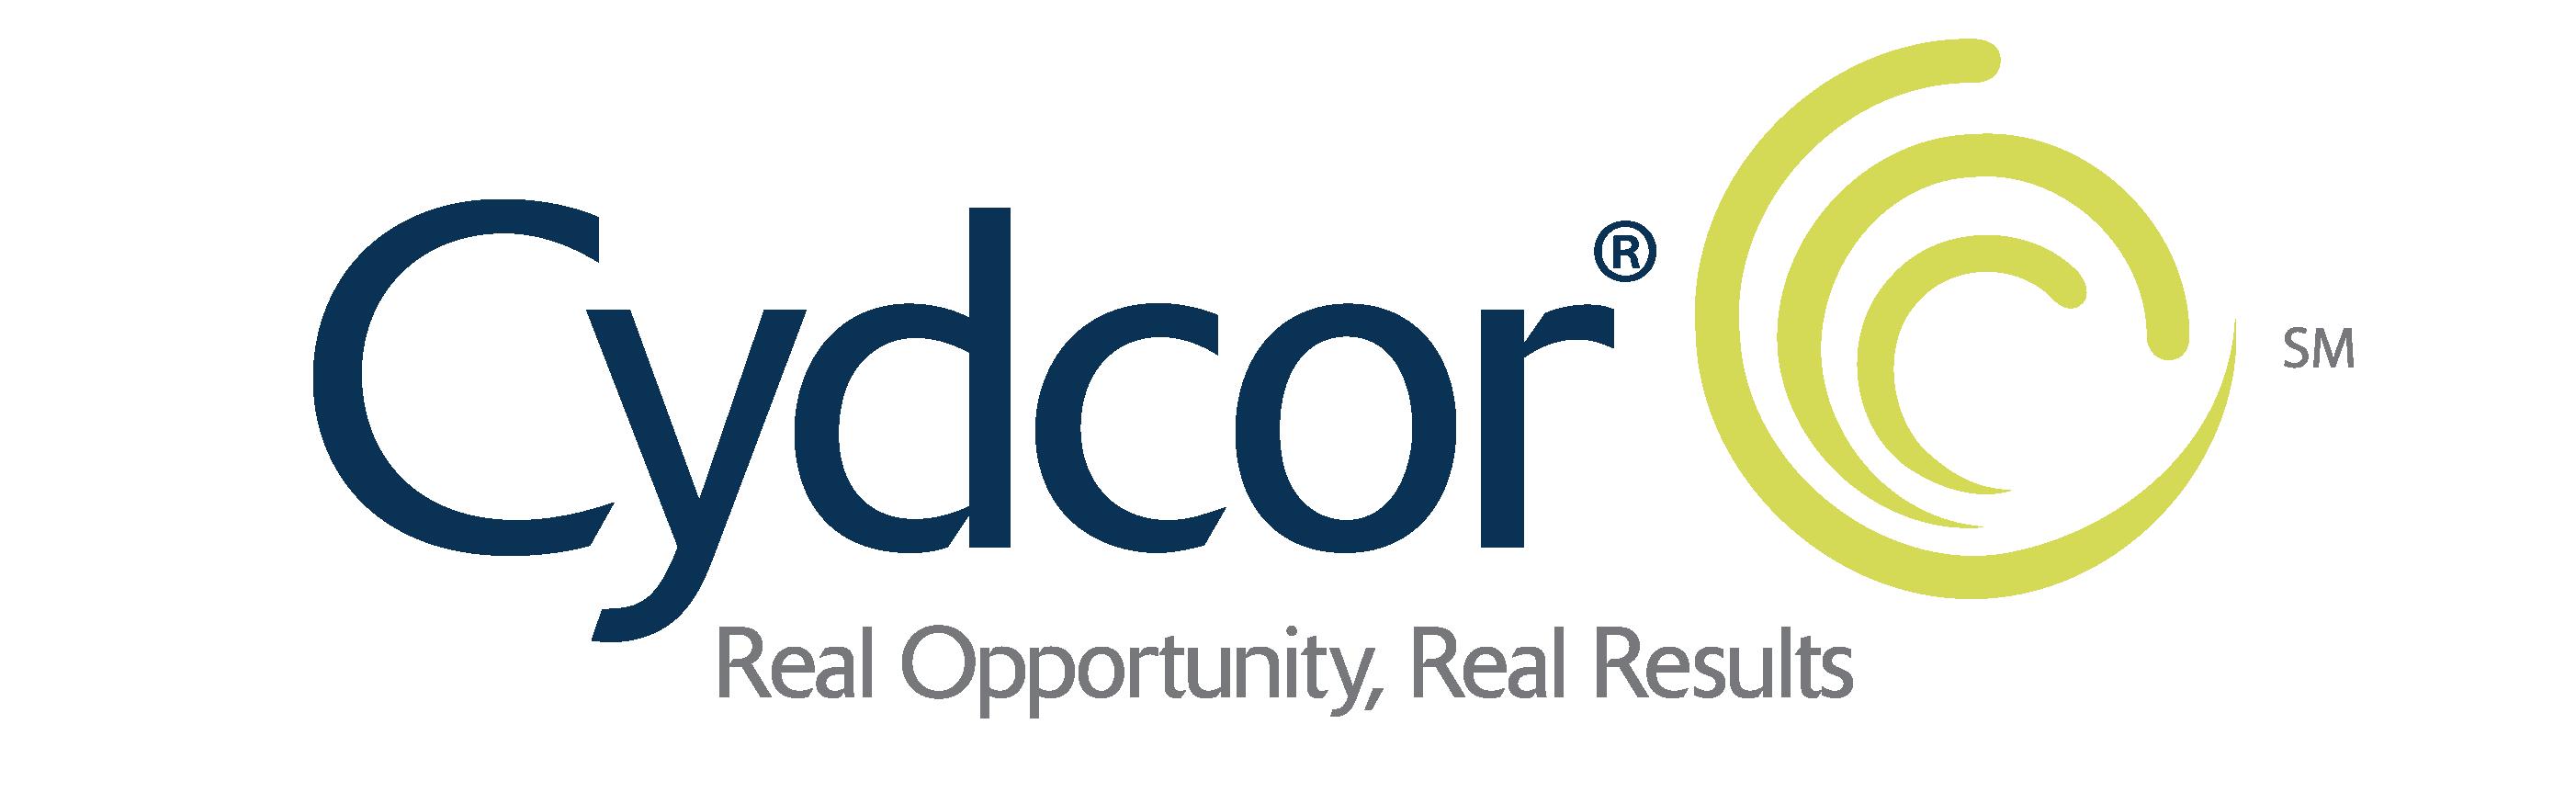 Cydor logo